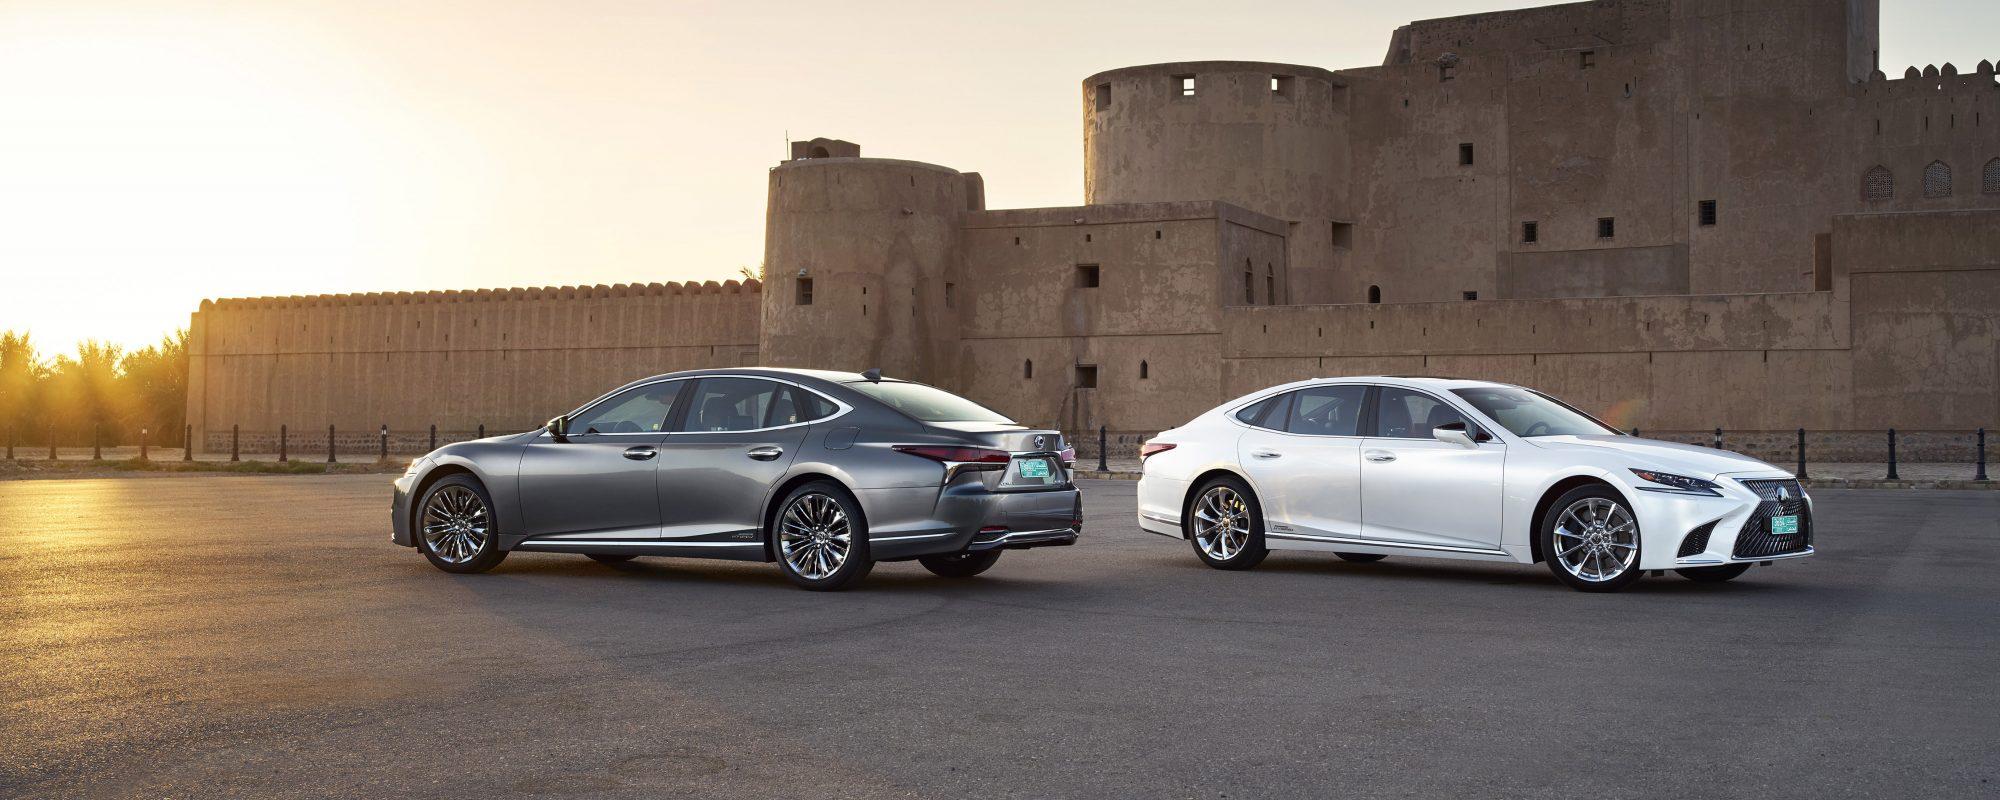 Nieuwe Lexus LS 500[h]: vijfde generatie luxury limousine verlegt grenzen